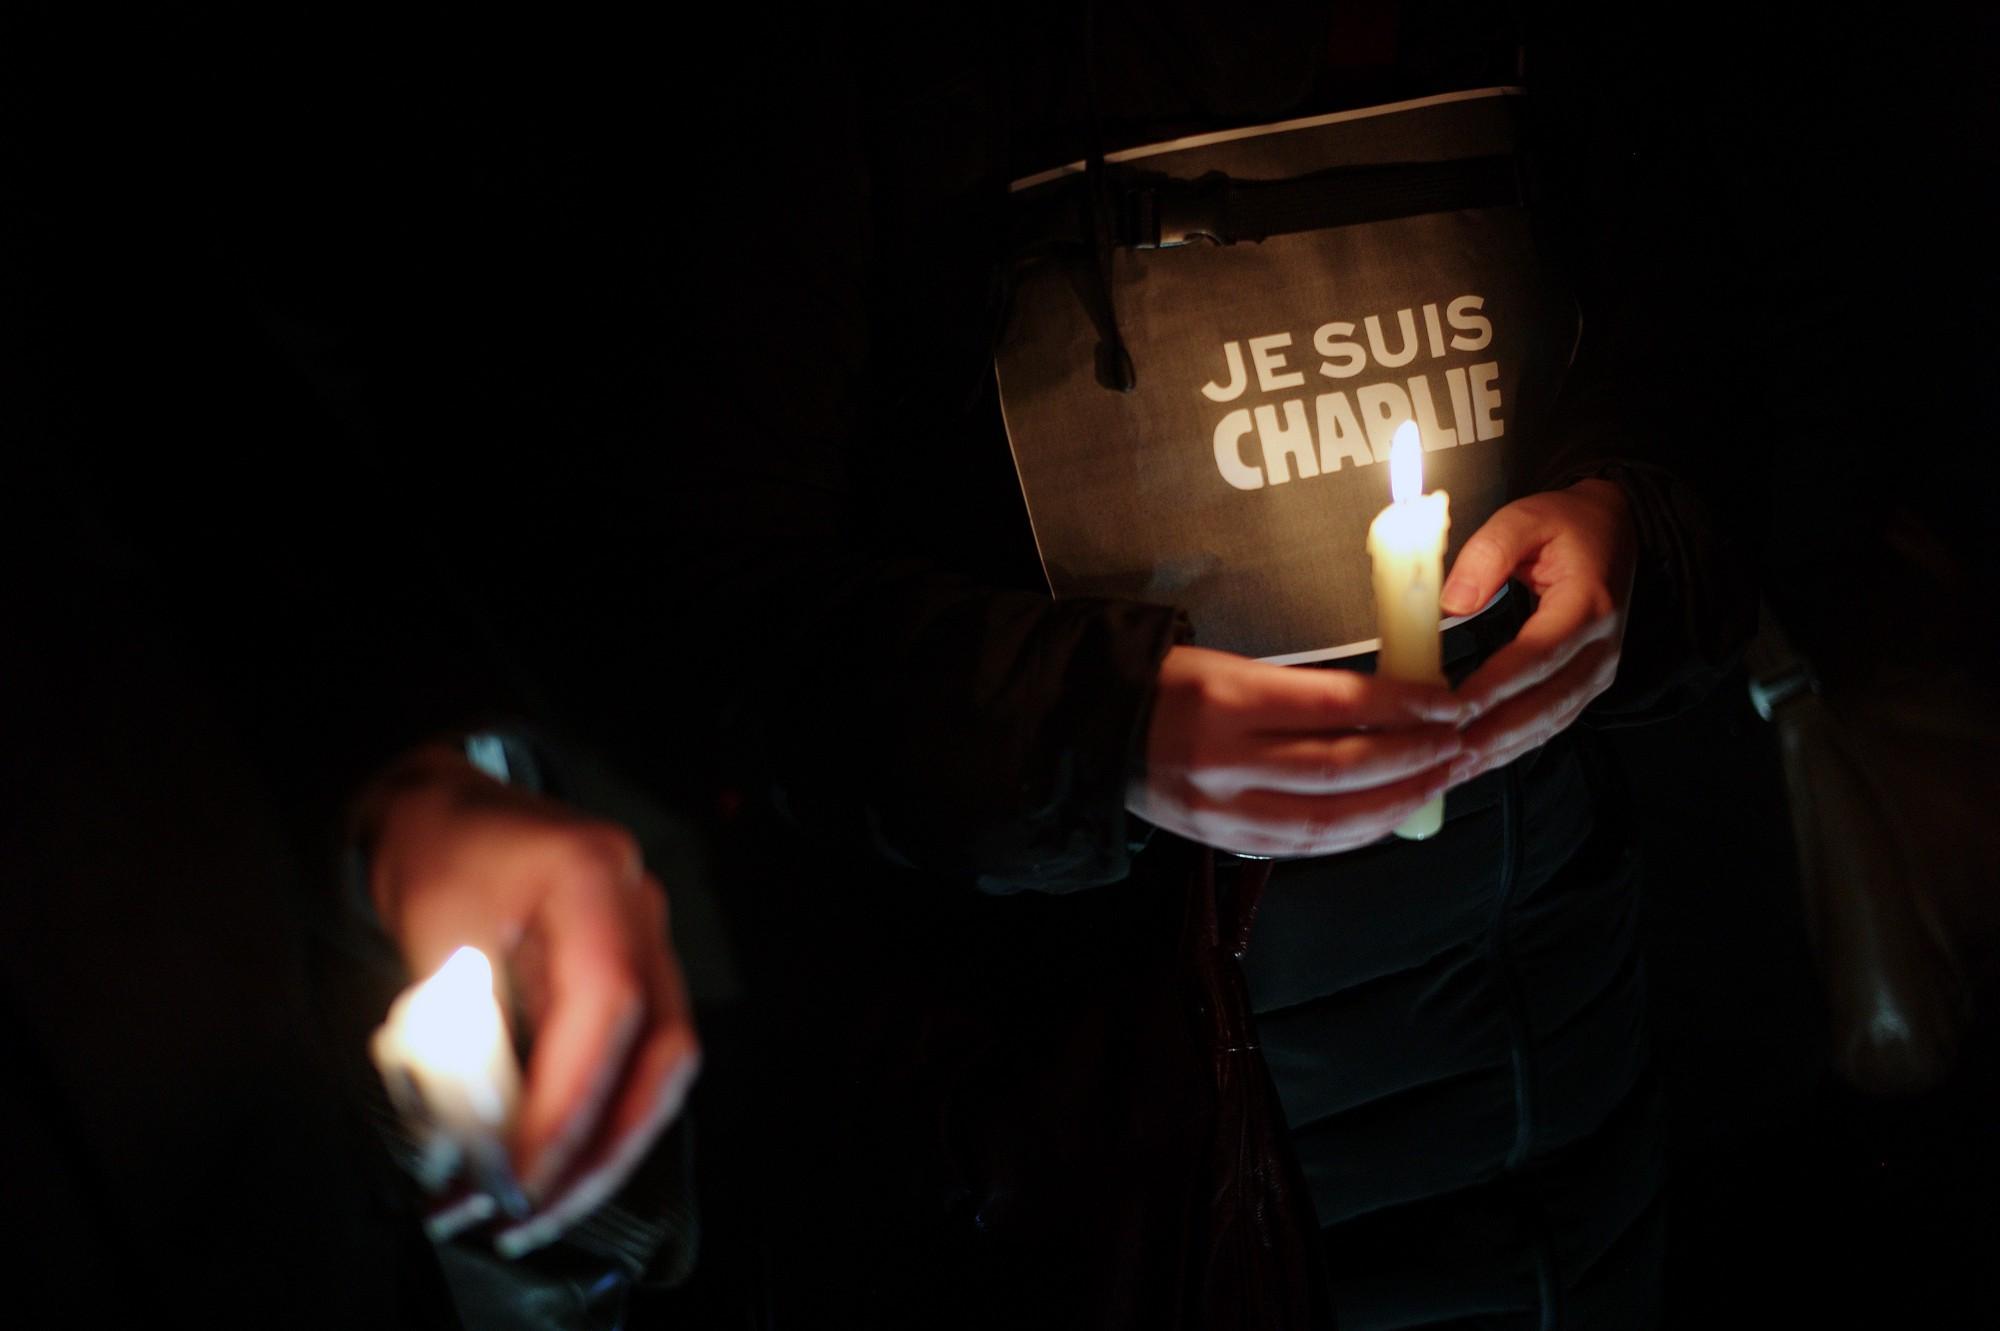 Charlie Hebdo. Je Suis Charlie.